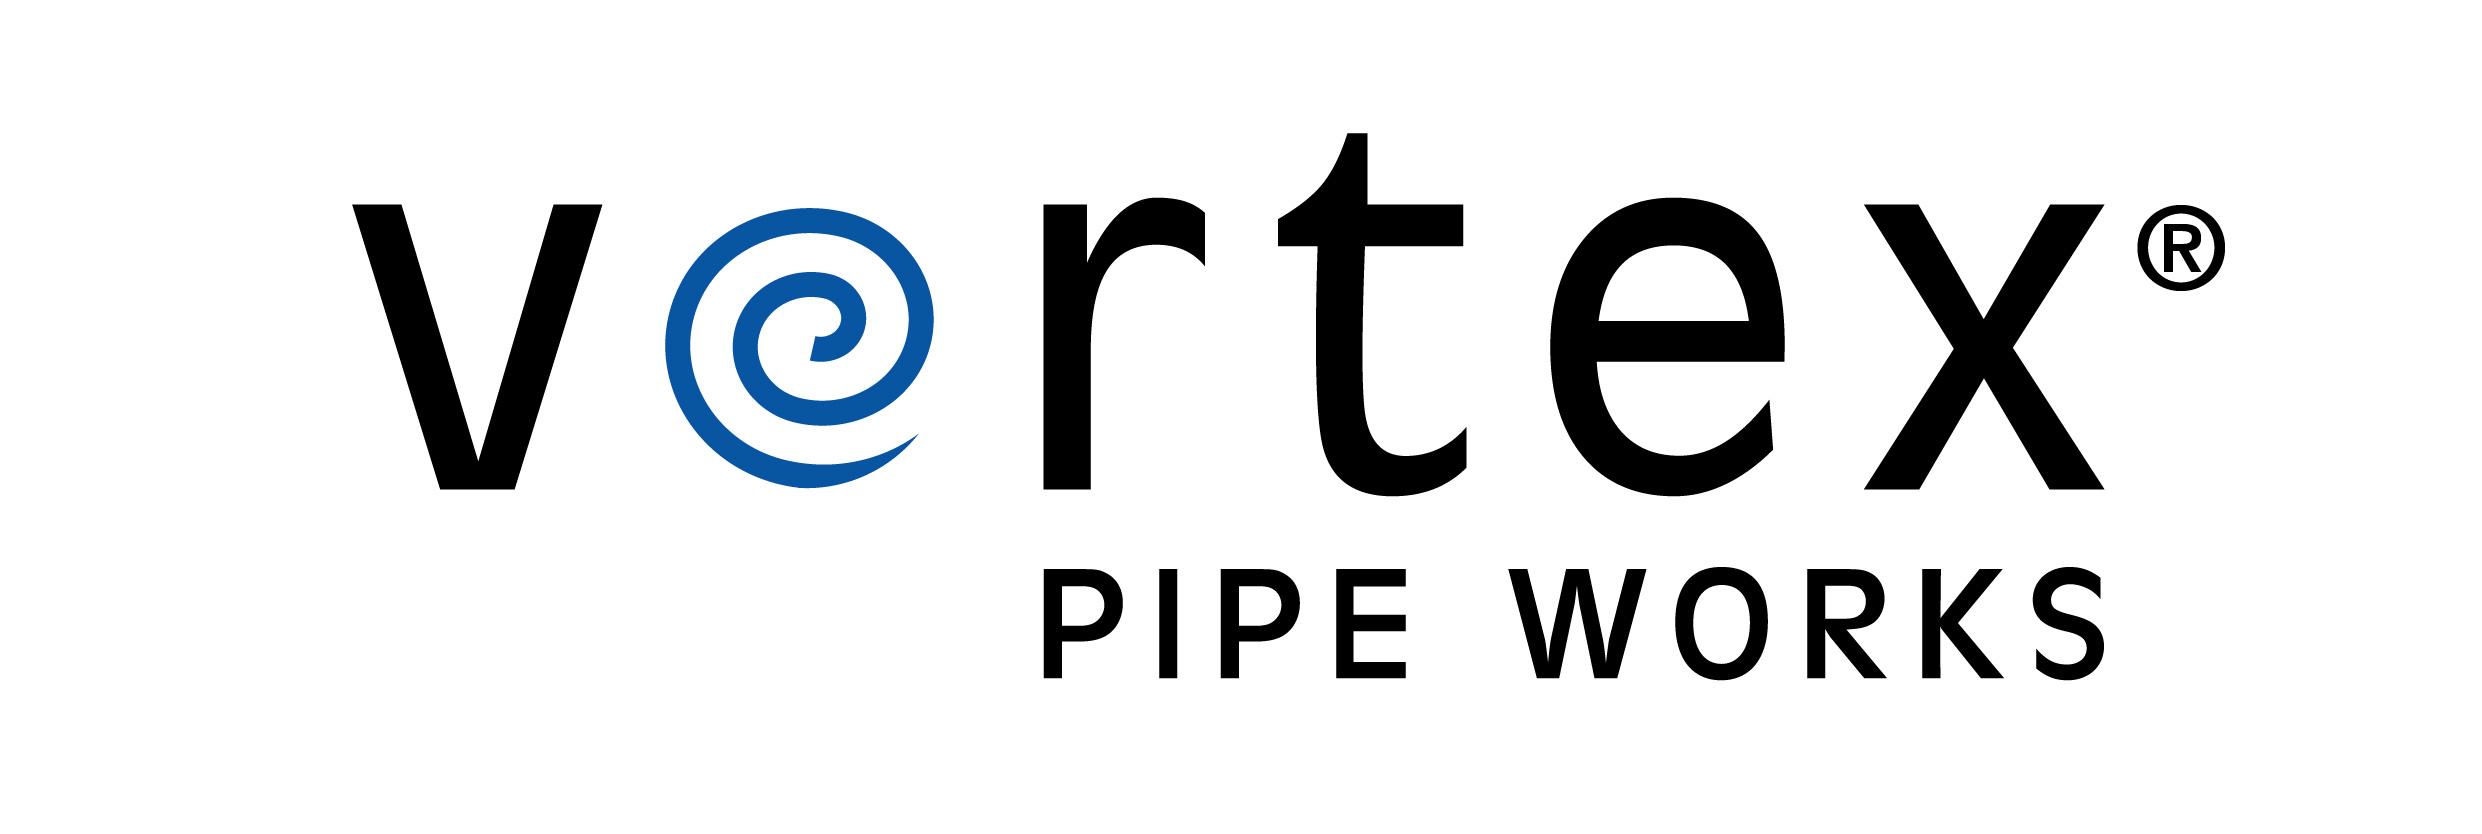 Vortex Pipe Works